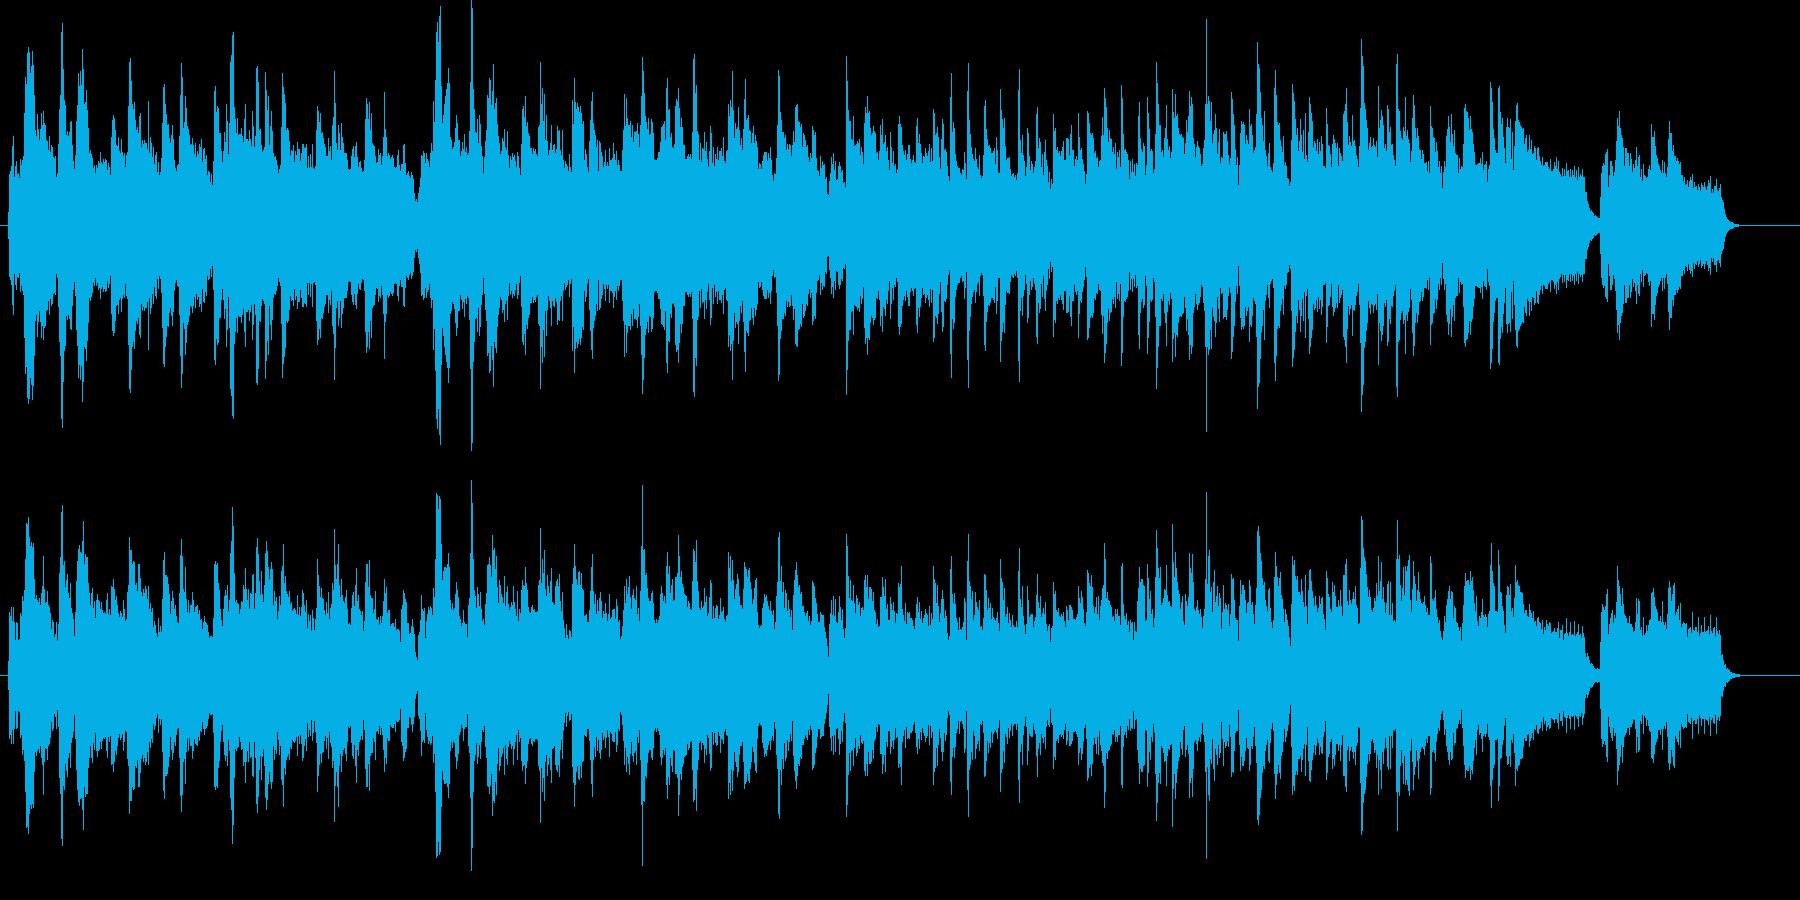 アメリカ国歌 アコーディオン カントリーの再生済みの波形